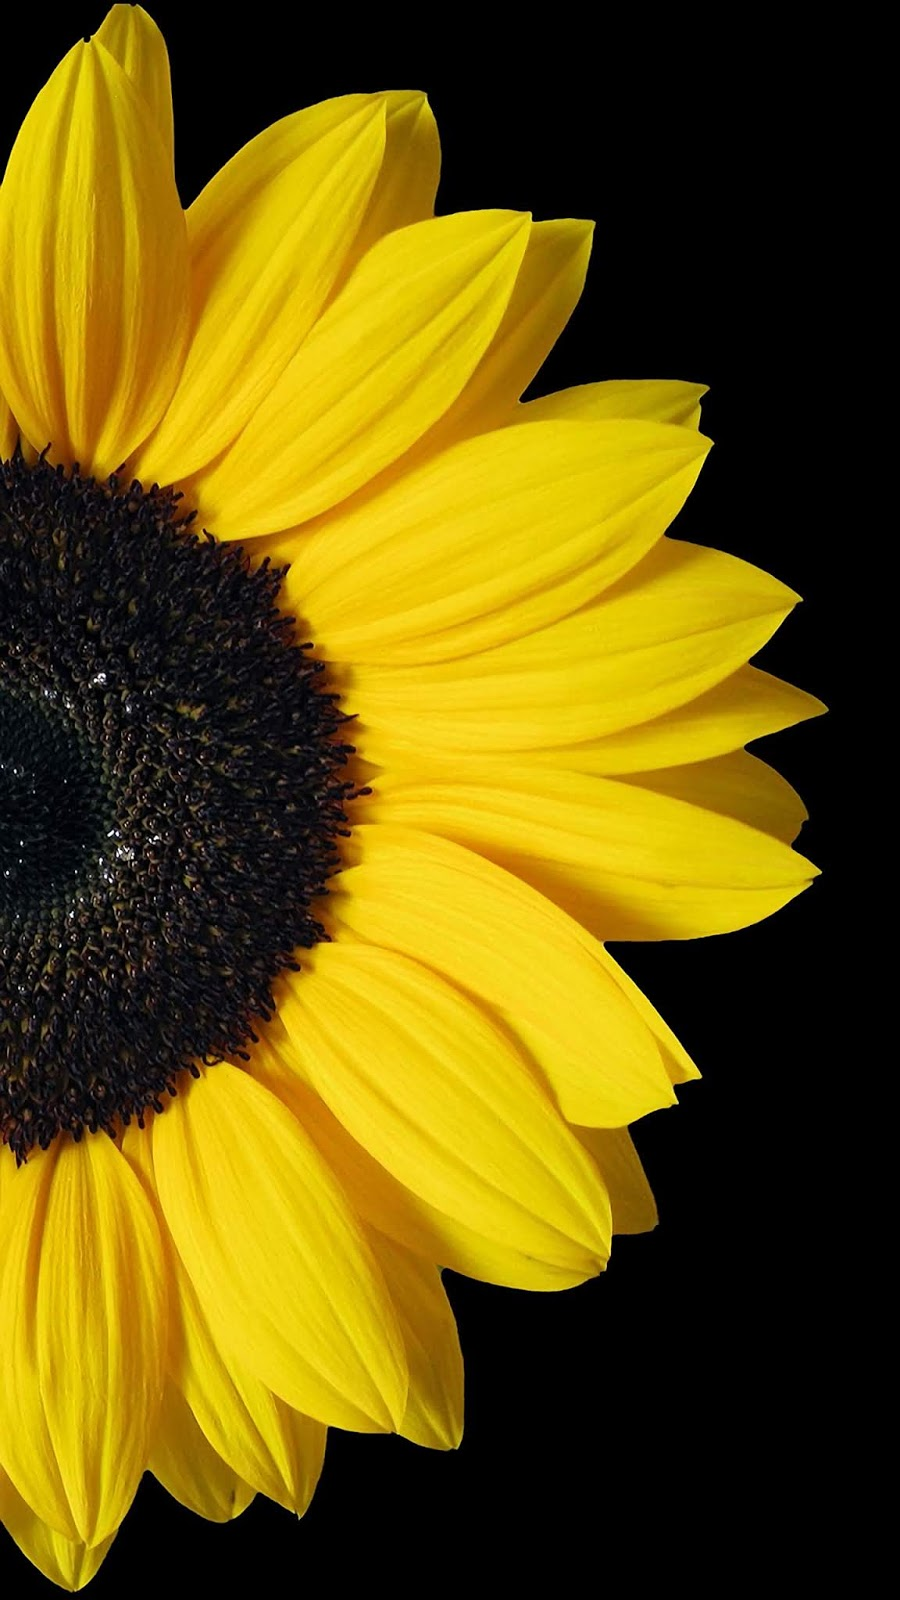 Hoa hướng dương cho màn Amoled